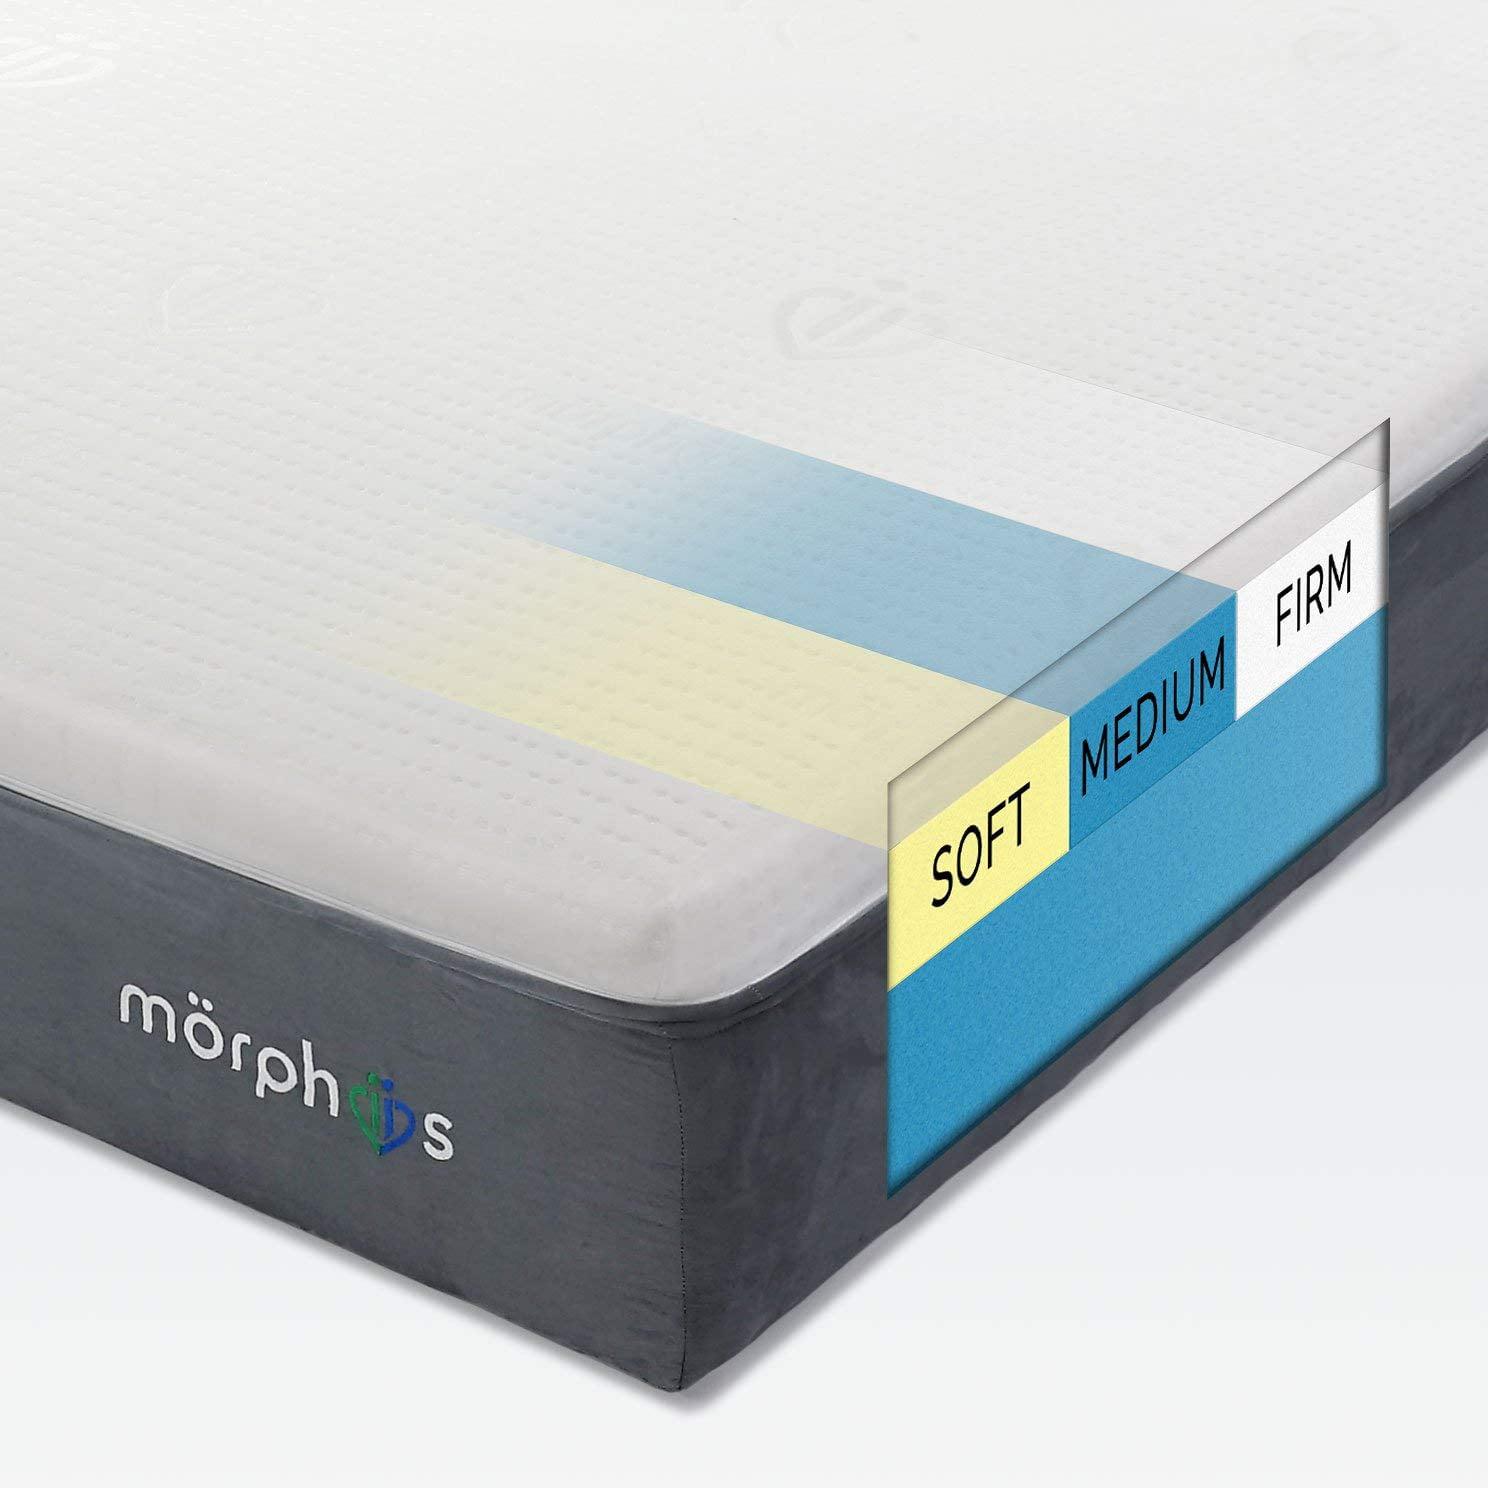 """Morphiis Customizable Firmness 10"""" Mattress, CAL KING, 64 firmness options for each sleeper"""